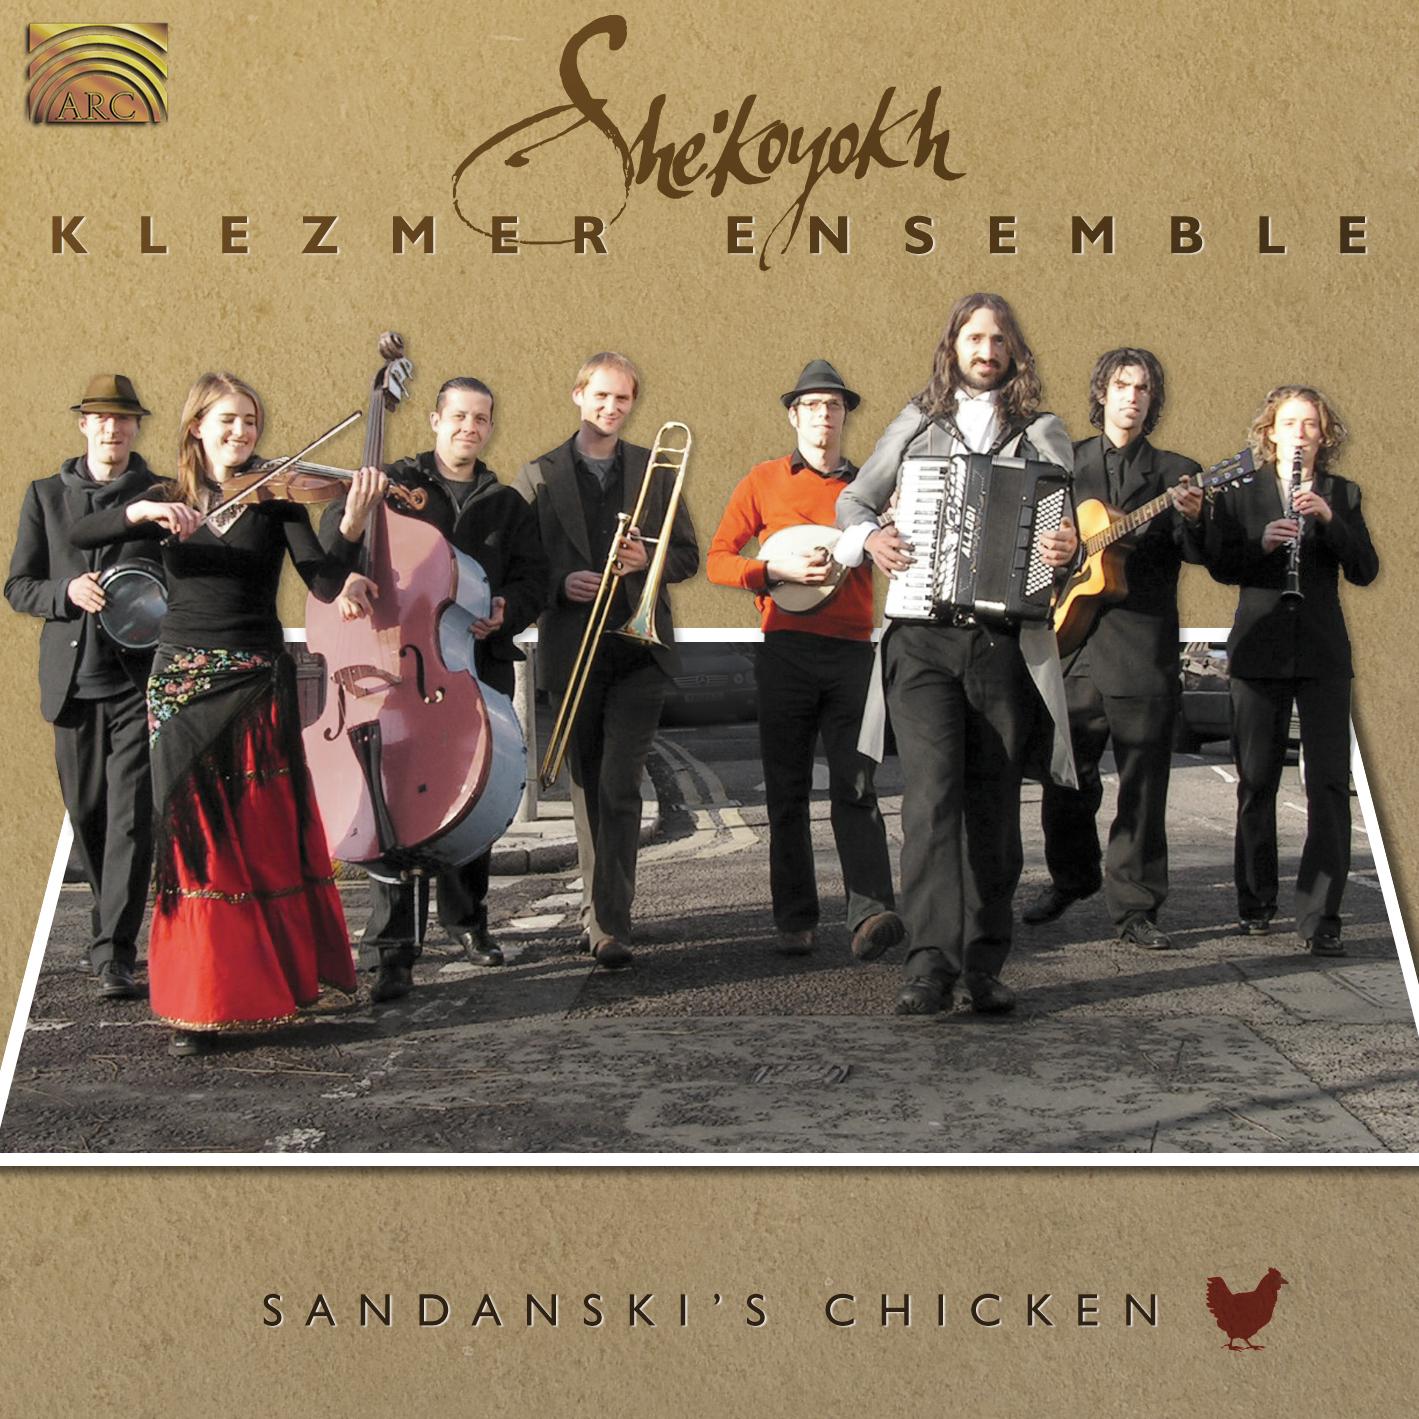 ARC-Sandanskis-chicken